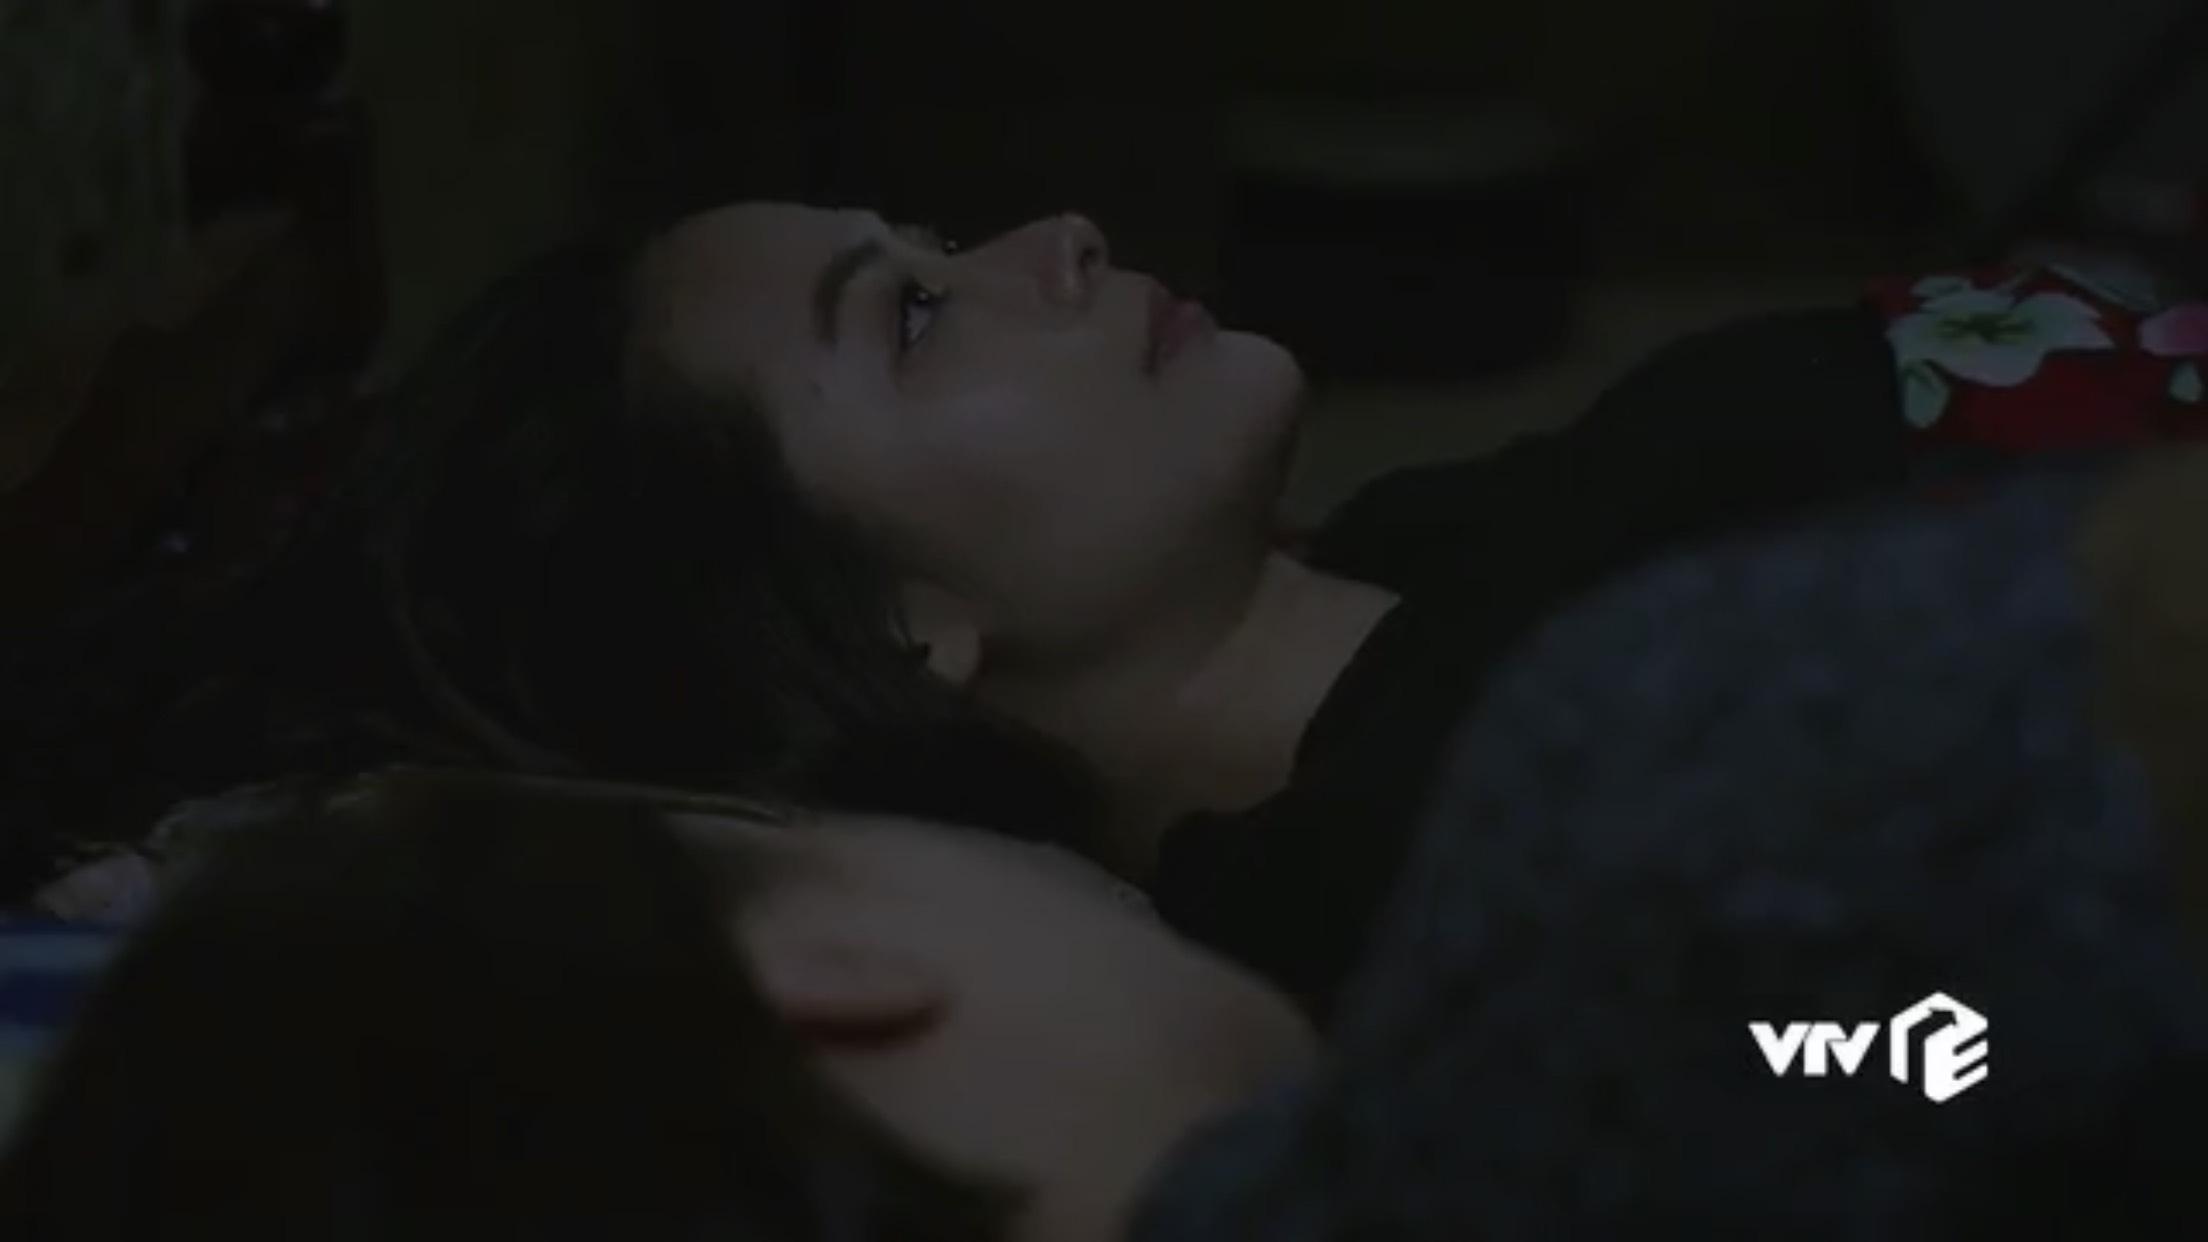 Hướng dương ngược nắng tập 46: Châu giở thói tiểu thư liền bị Phúc dằn mặt, ái nữ họ Cao chỉ biết câm nín - Hình 1